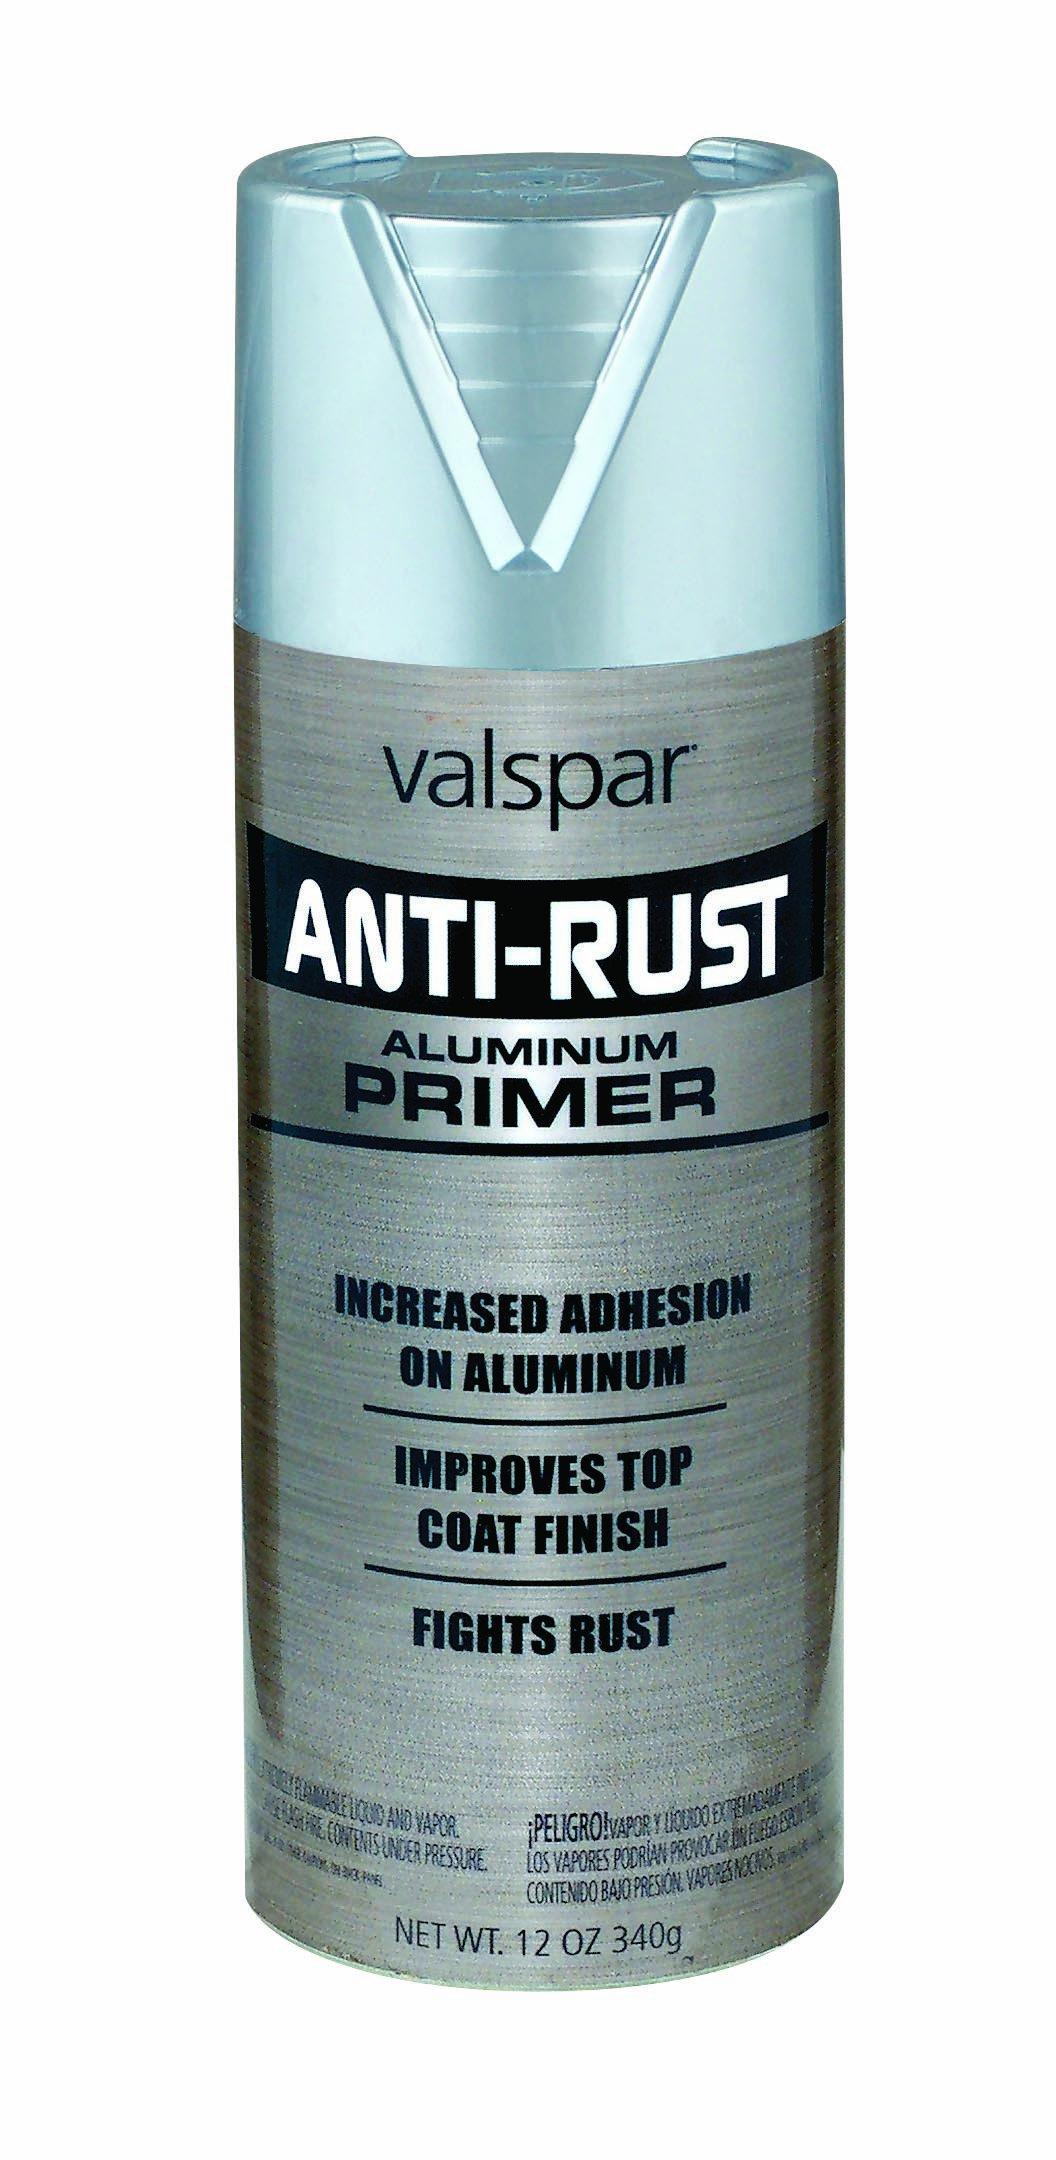 Valspar (68225-6PK) Aluminum Primer Enamel - 12 oz., (Pack of 6) by Valspar